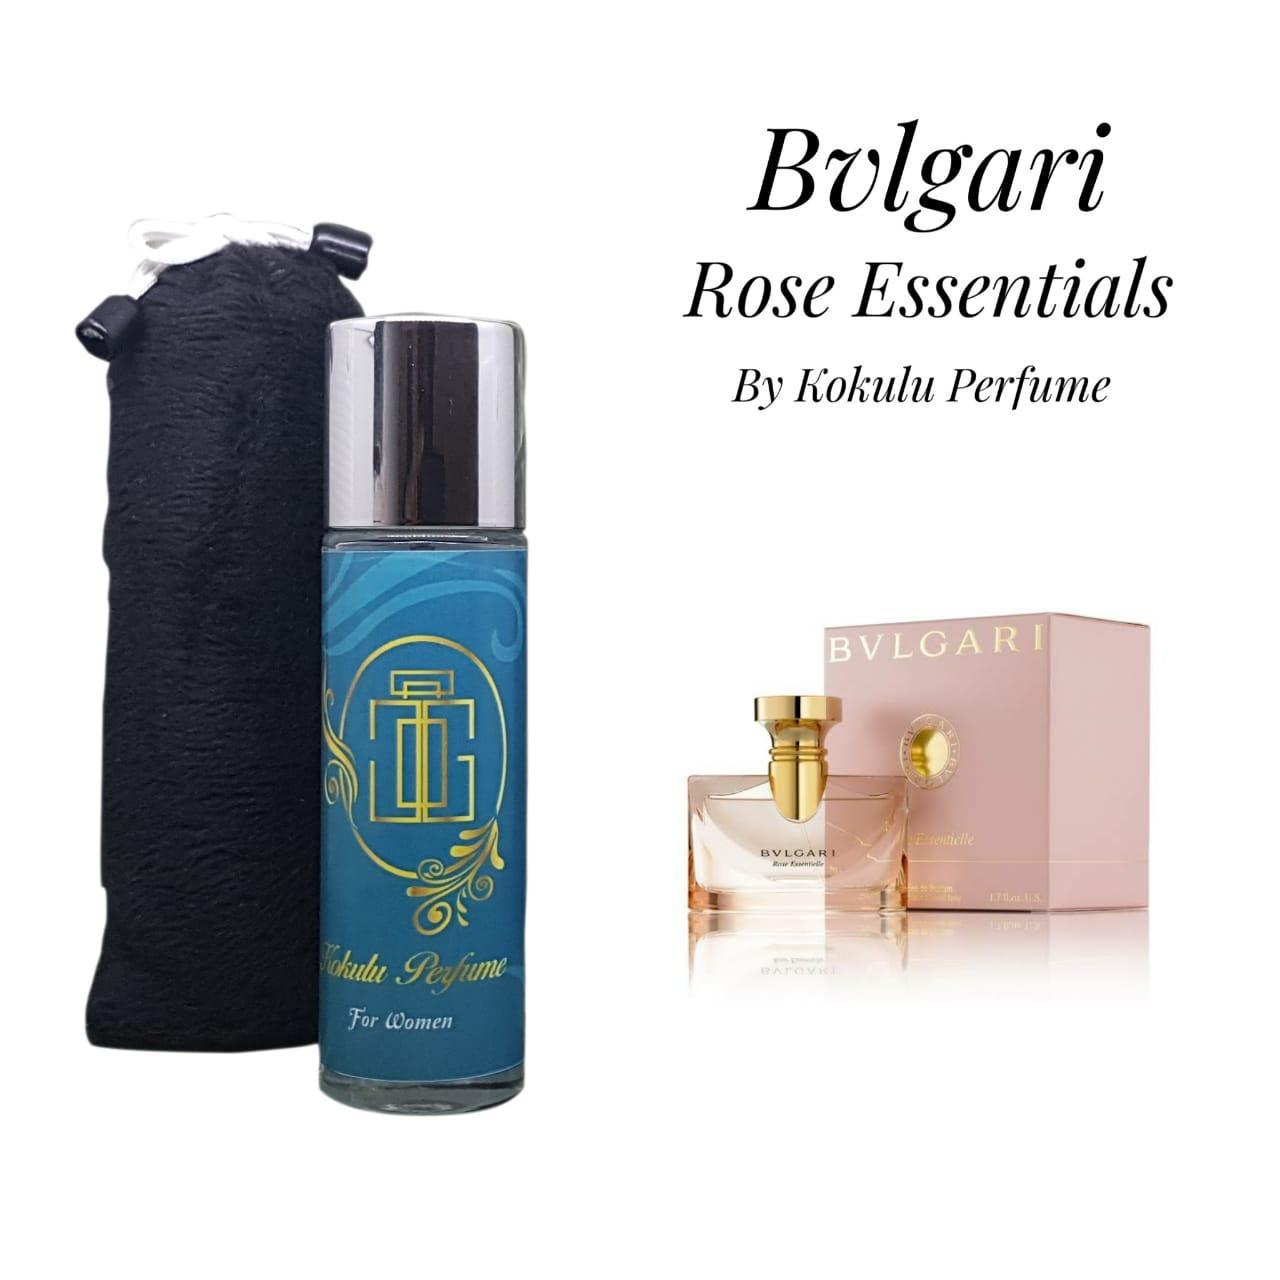 parfum wanita bvlgari rose essensial farfum bulgari rose minyak wangi wanita tahan lama